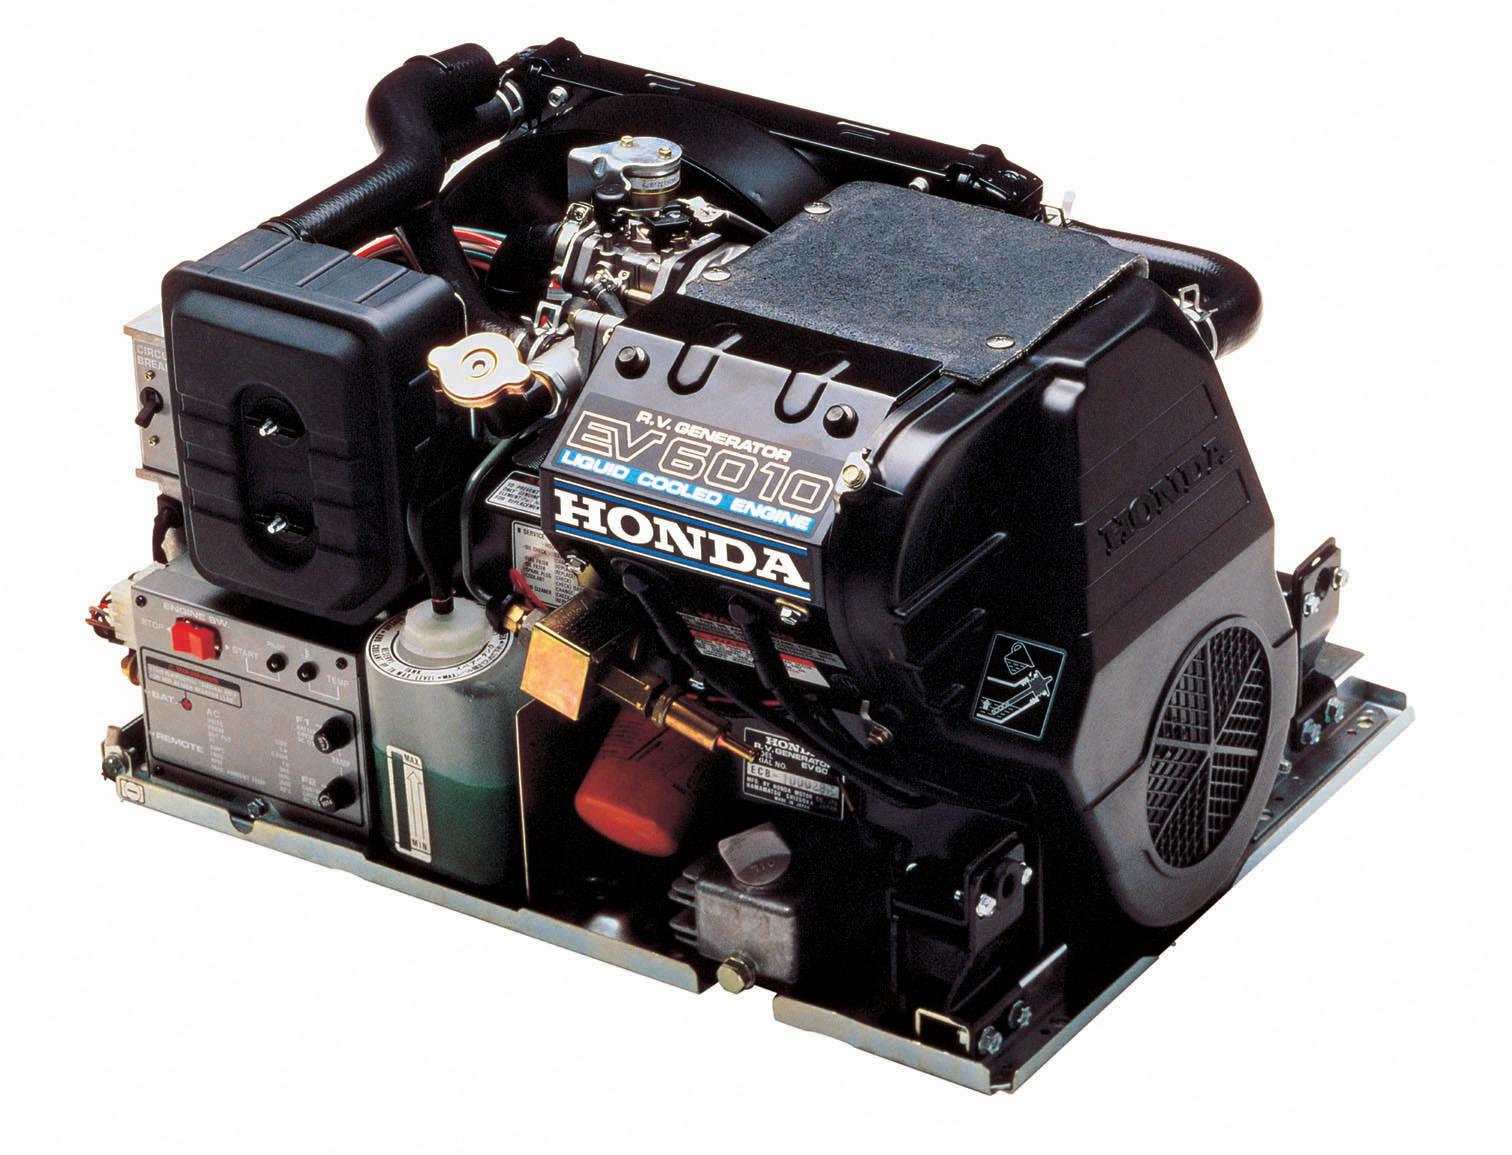 honda ev6010 wiring diagram honda ev4010 ev6010 rv generator parts  honda ev4010 ev6010 rv generator parts